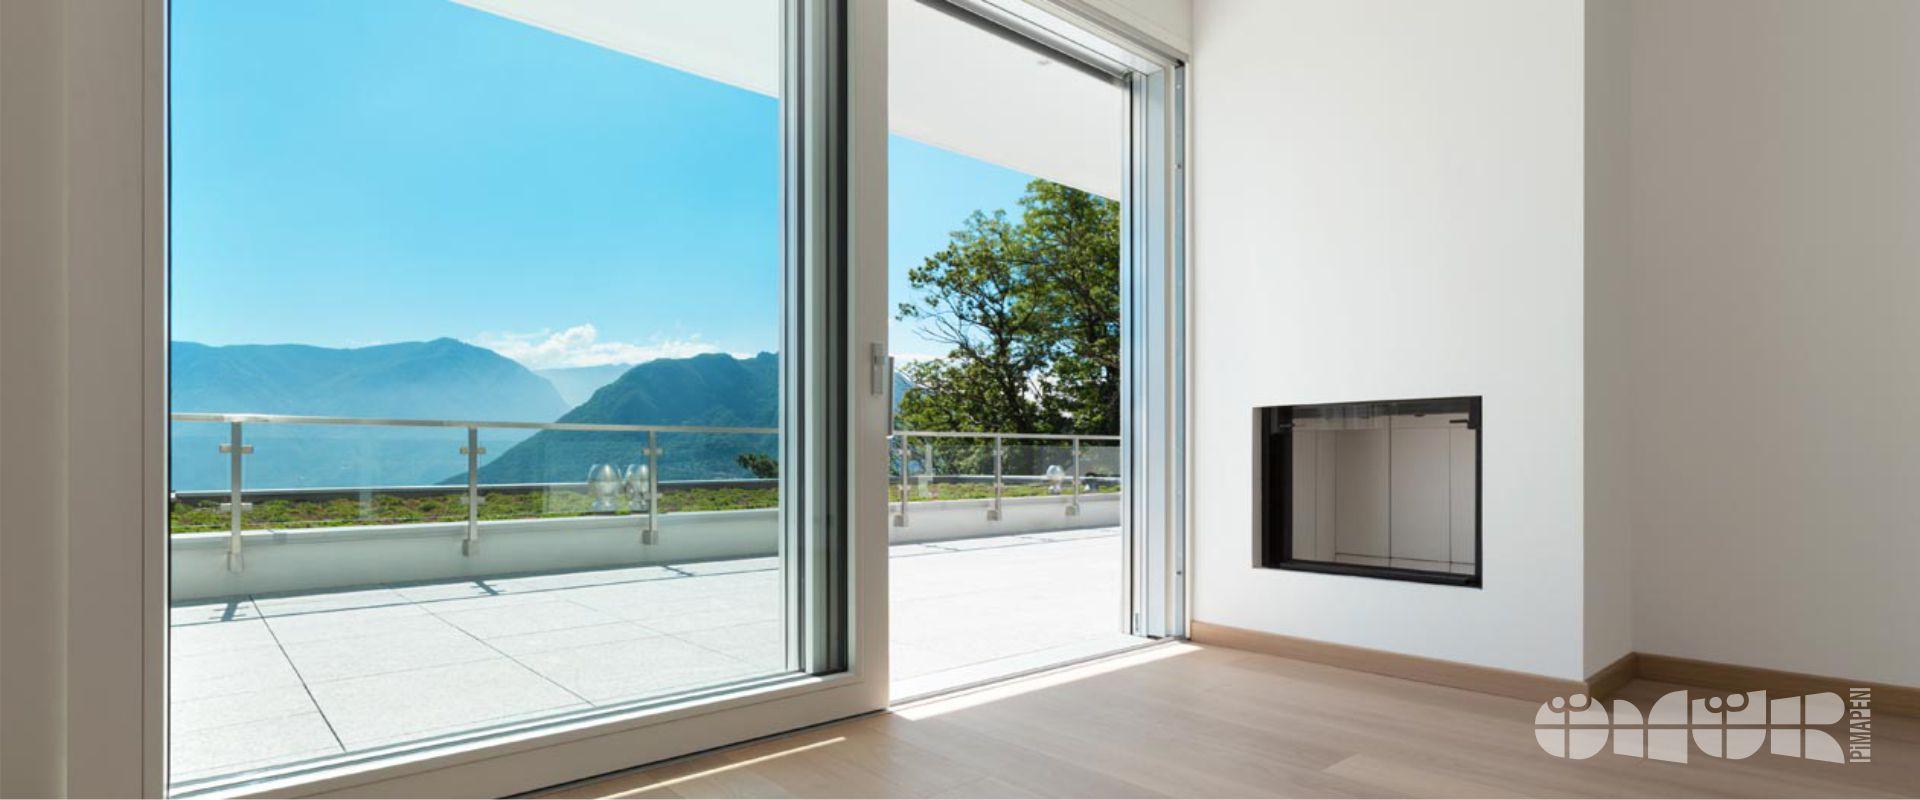 pimapen 1 - Halkalı pencere Sineklik